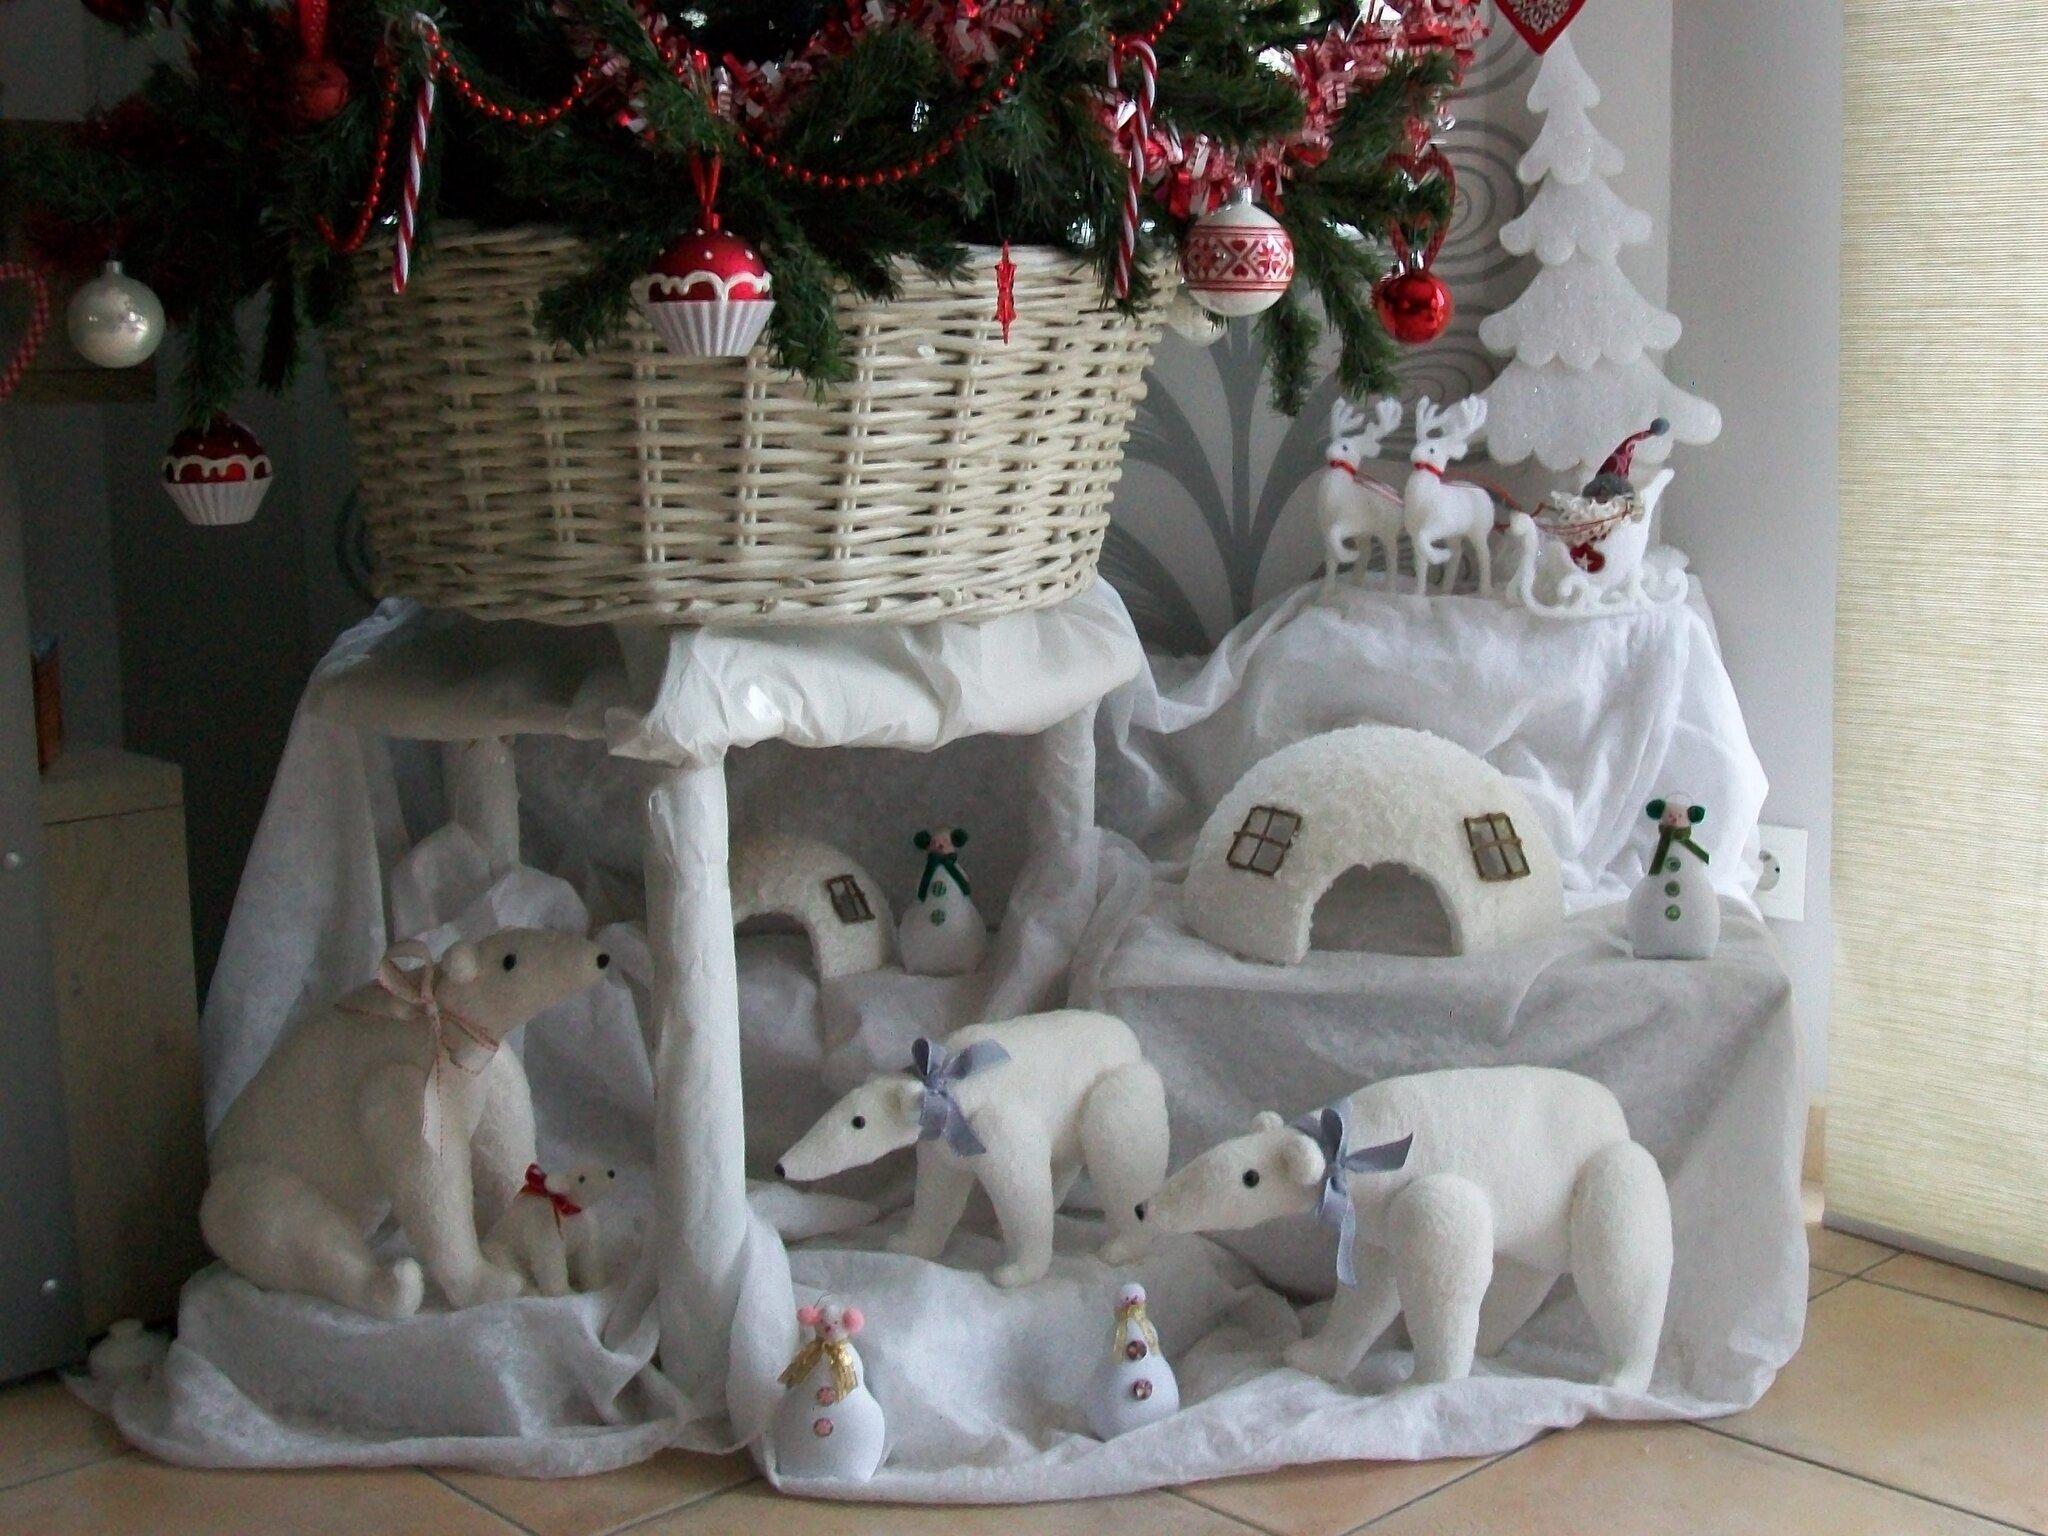 decoration de noel igloo